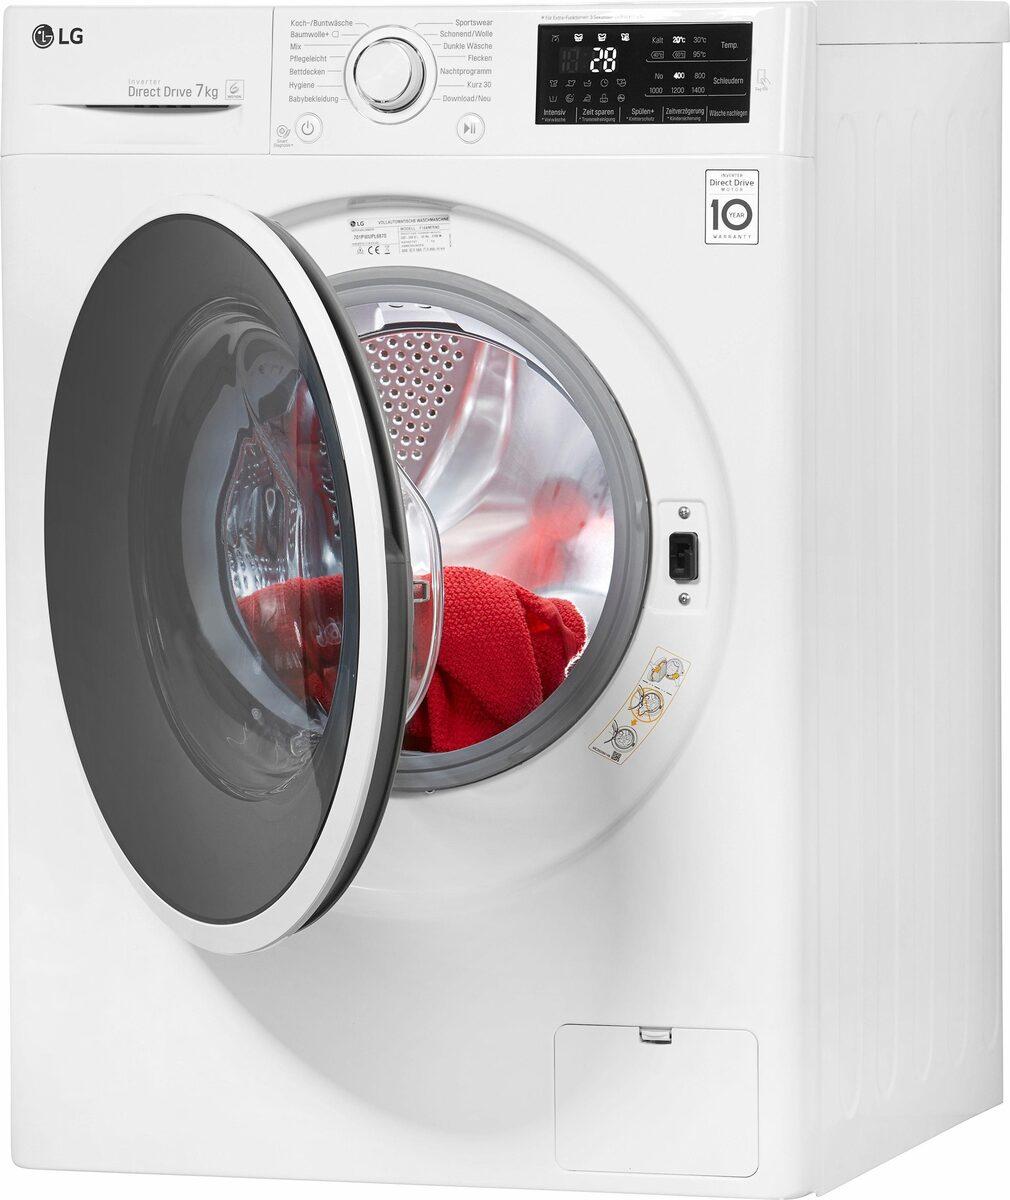 Bild 2 von LG Waschmaschine F14WM7EN0, 7 kg, 1400 U/Min